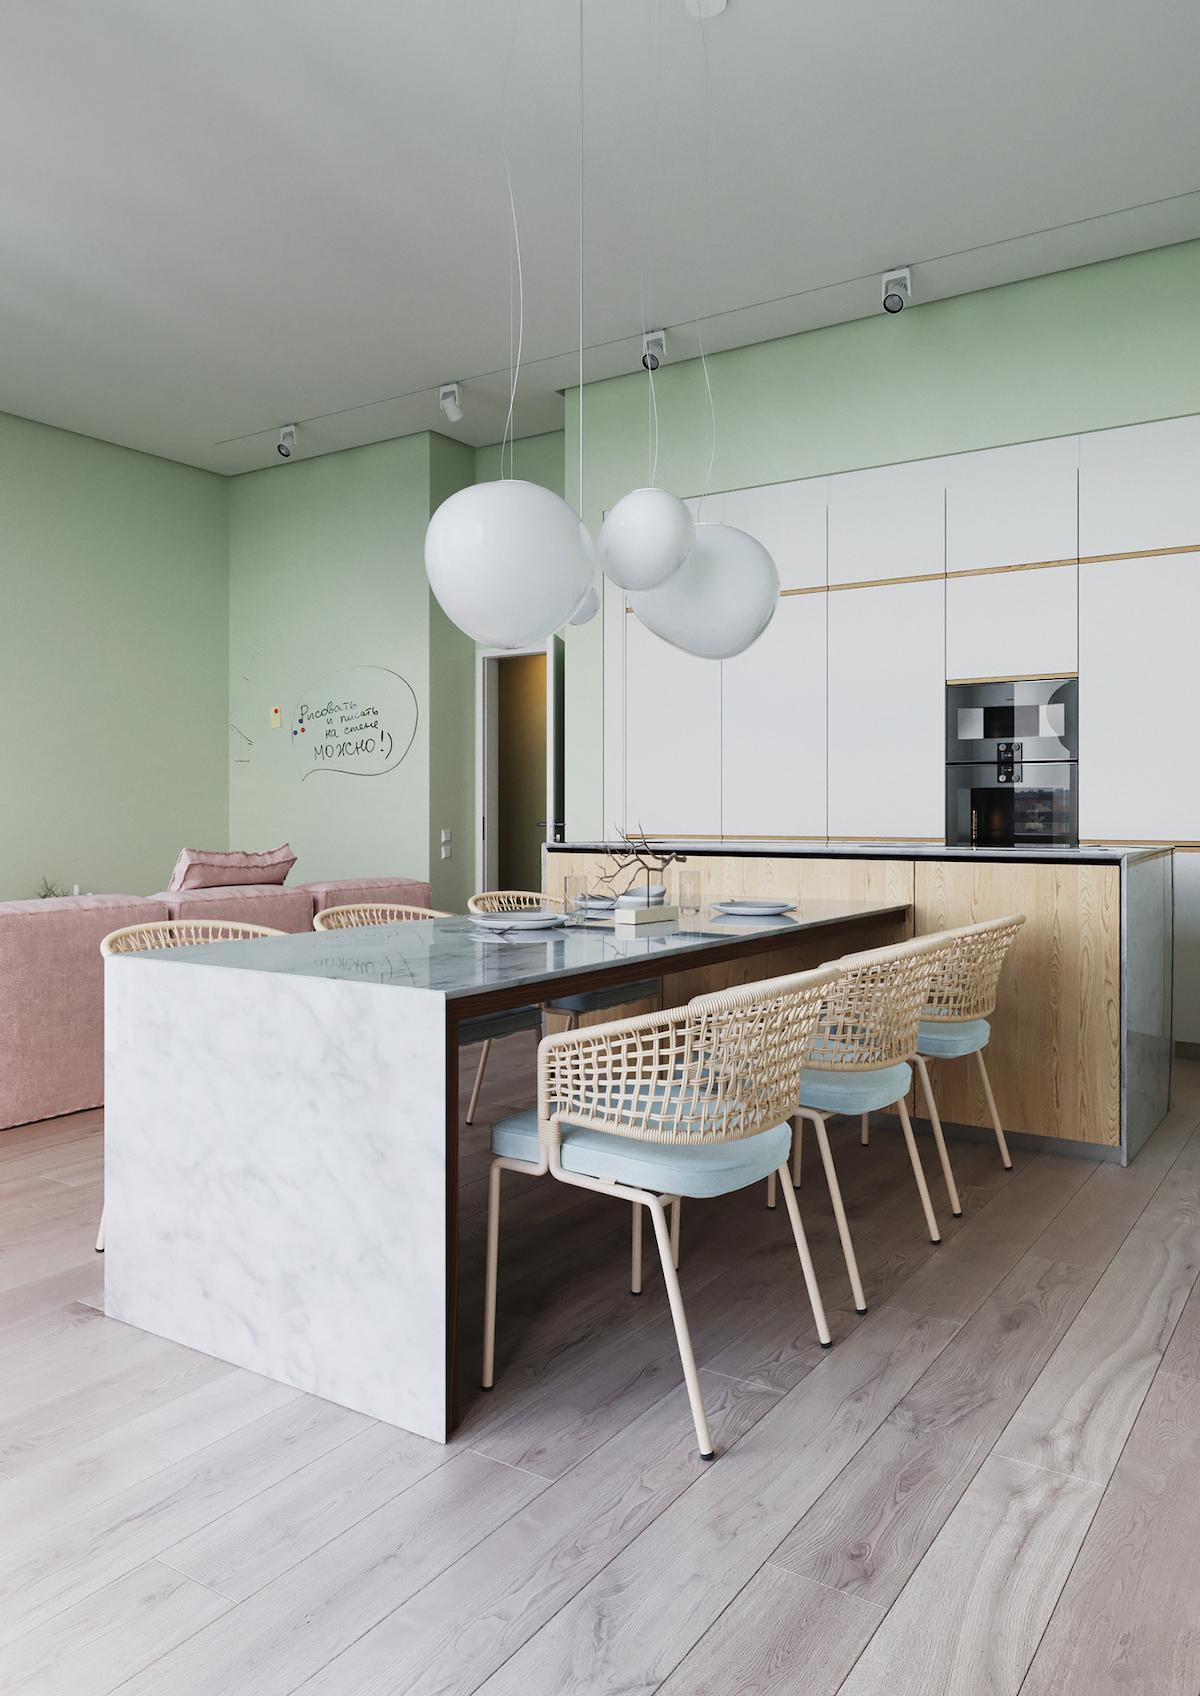 cuisine ouverte ilot centrale bas table de salle à manger plan de travail marbre chaise rotin